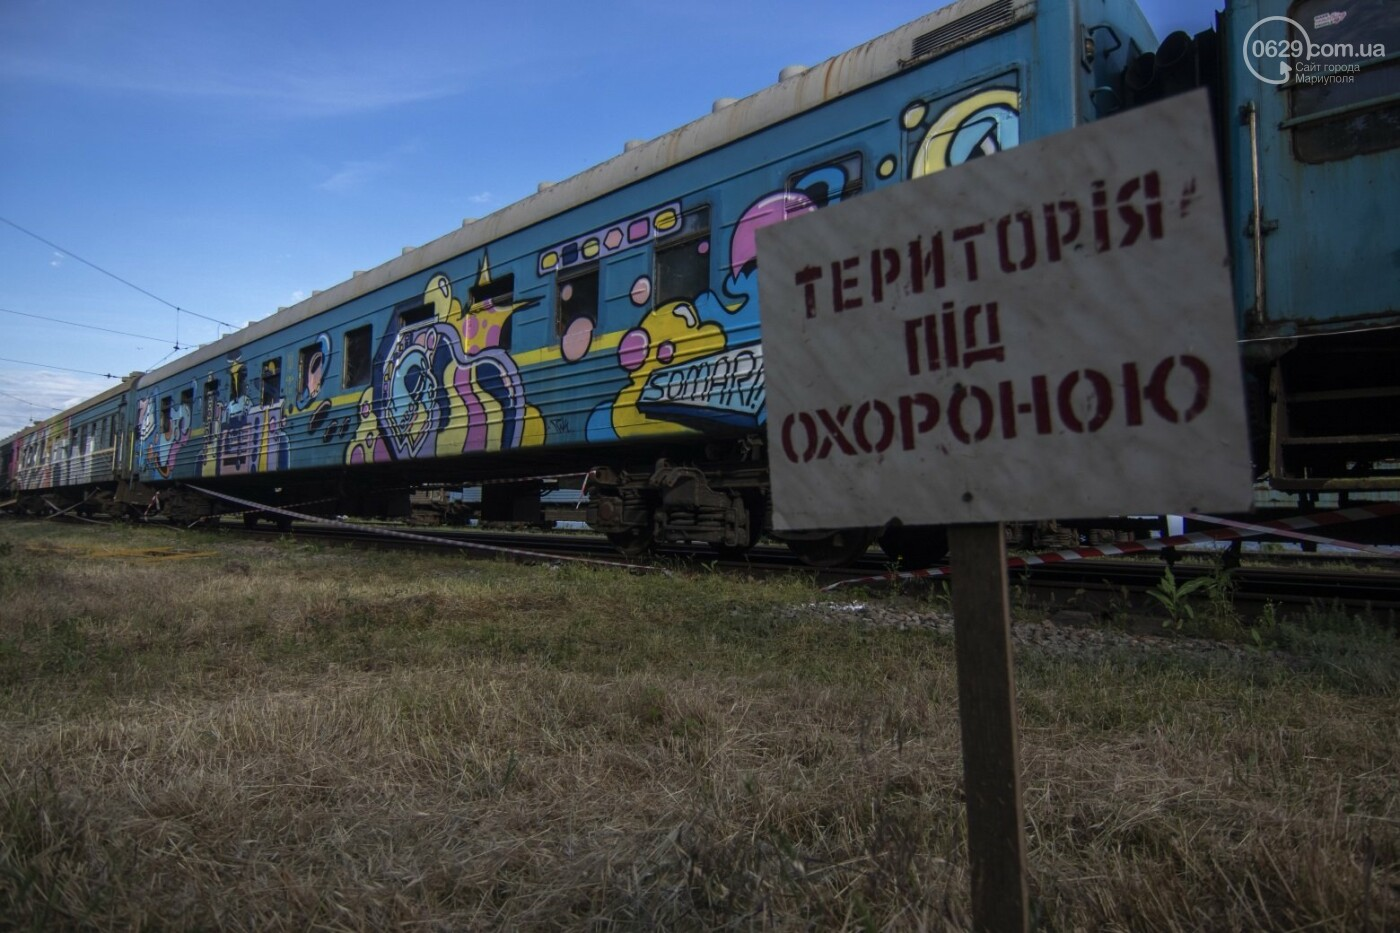 Во что превратили художники старый железнодорожный состав в Мариуполе. 33 фотографии! , фото-1